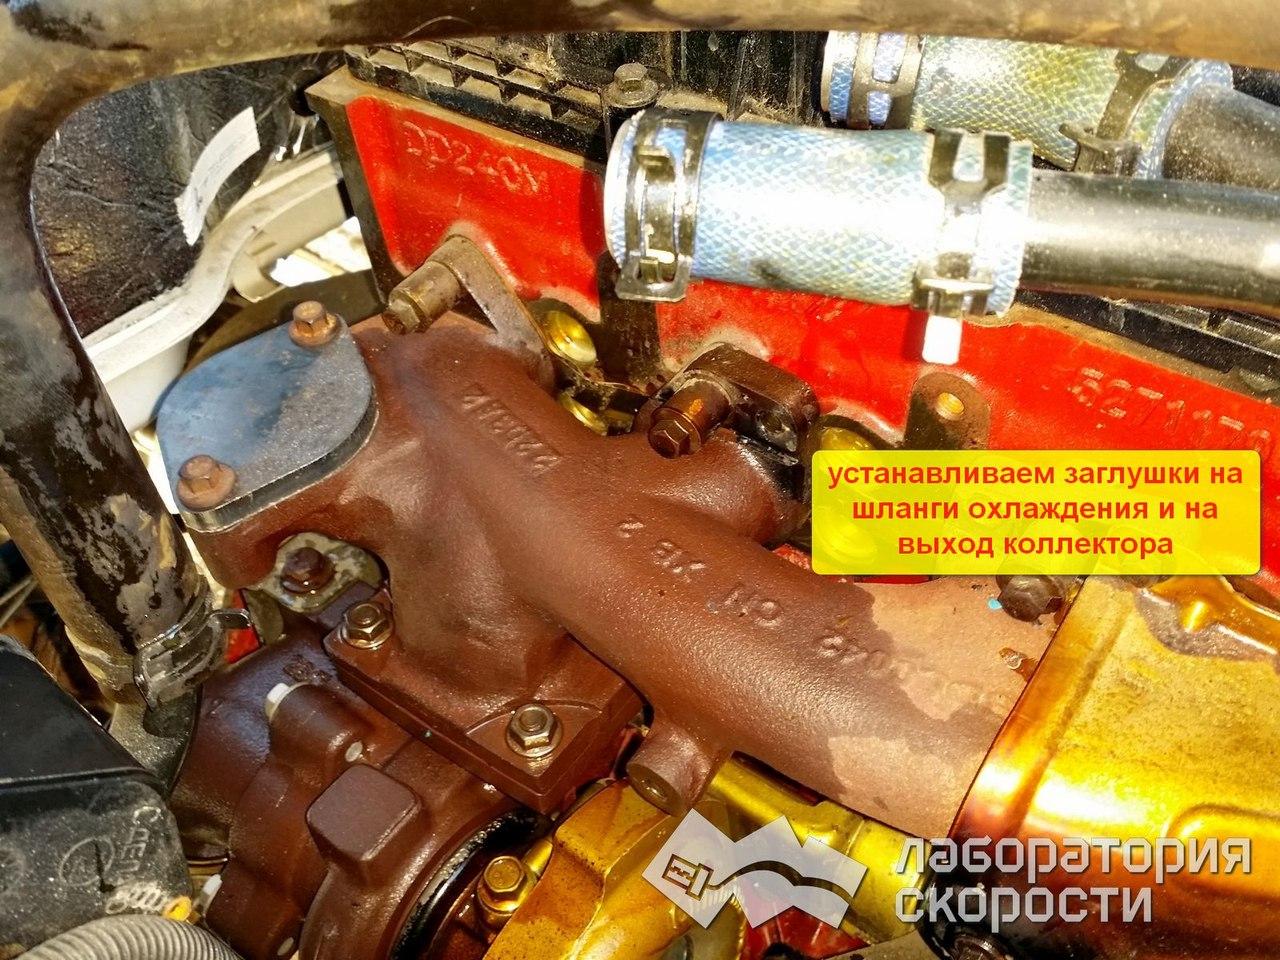 Что будет если заглушить двигатель на скорости